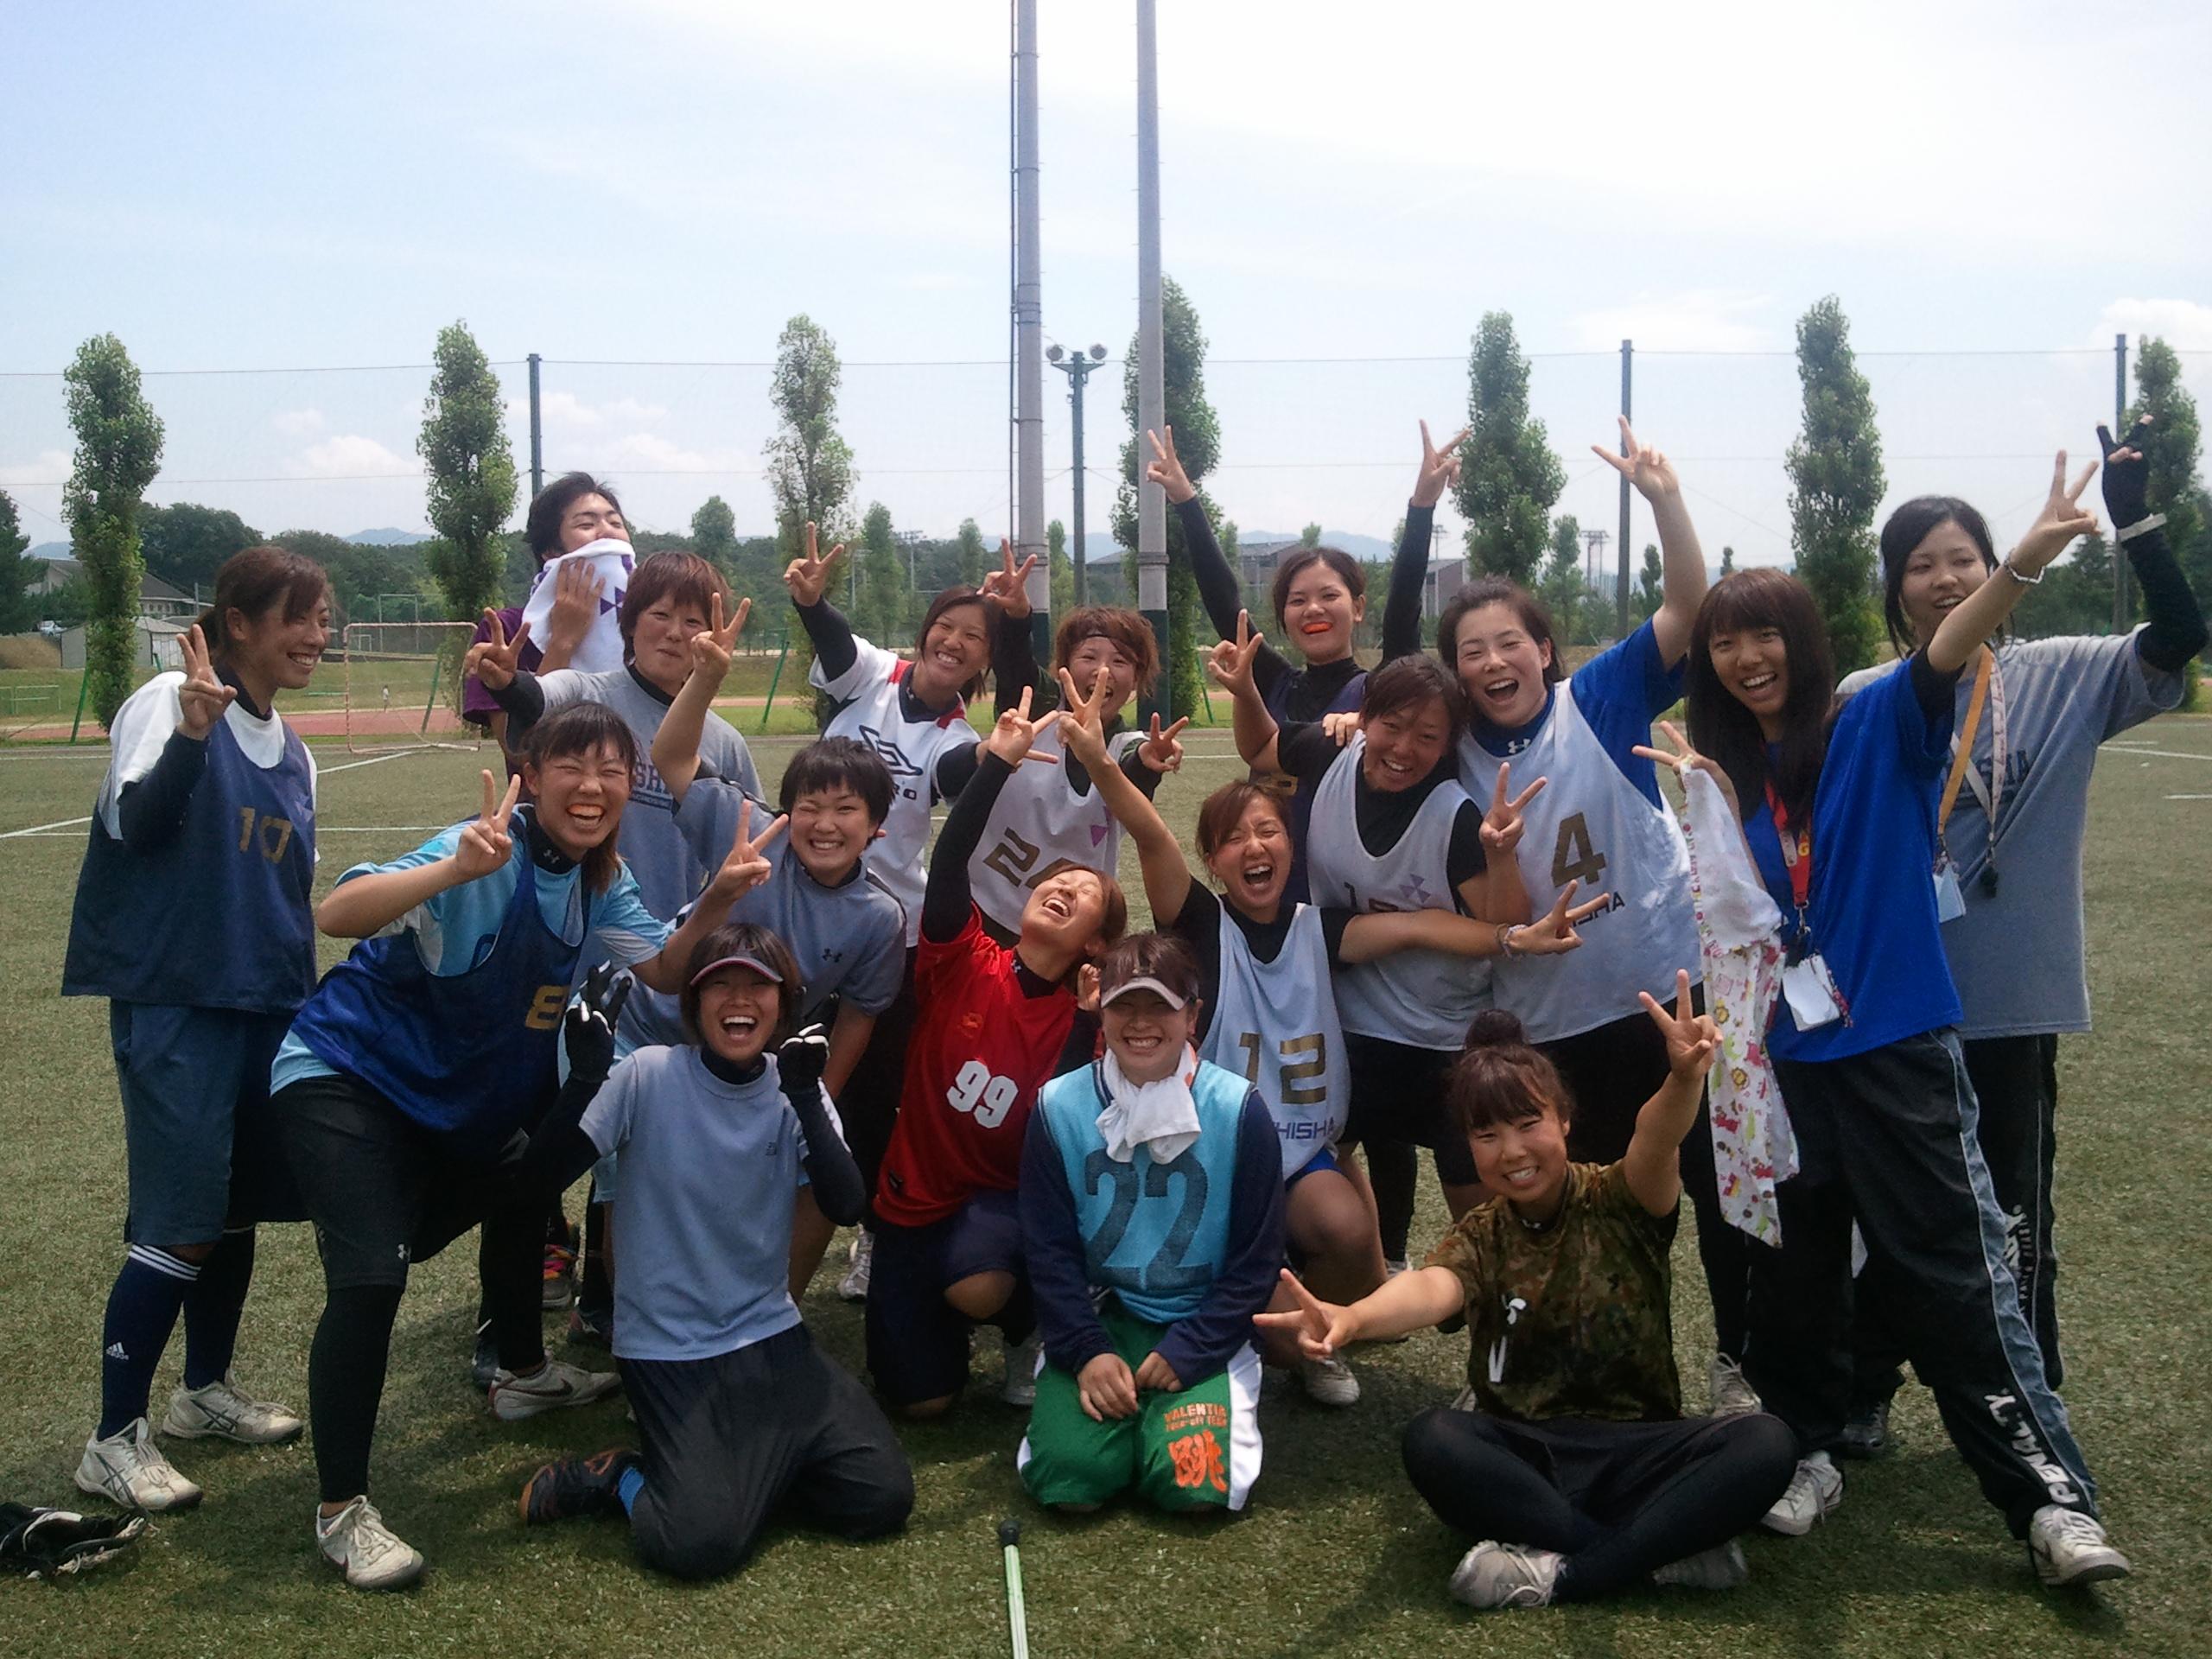 2011-07-06_11.06.50.jpg